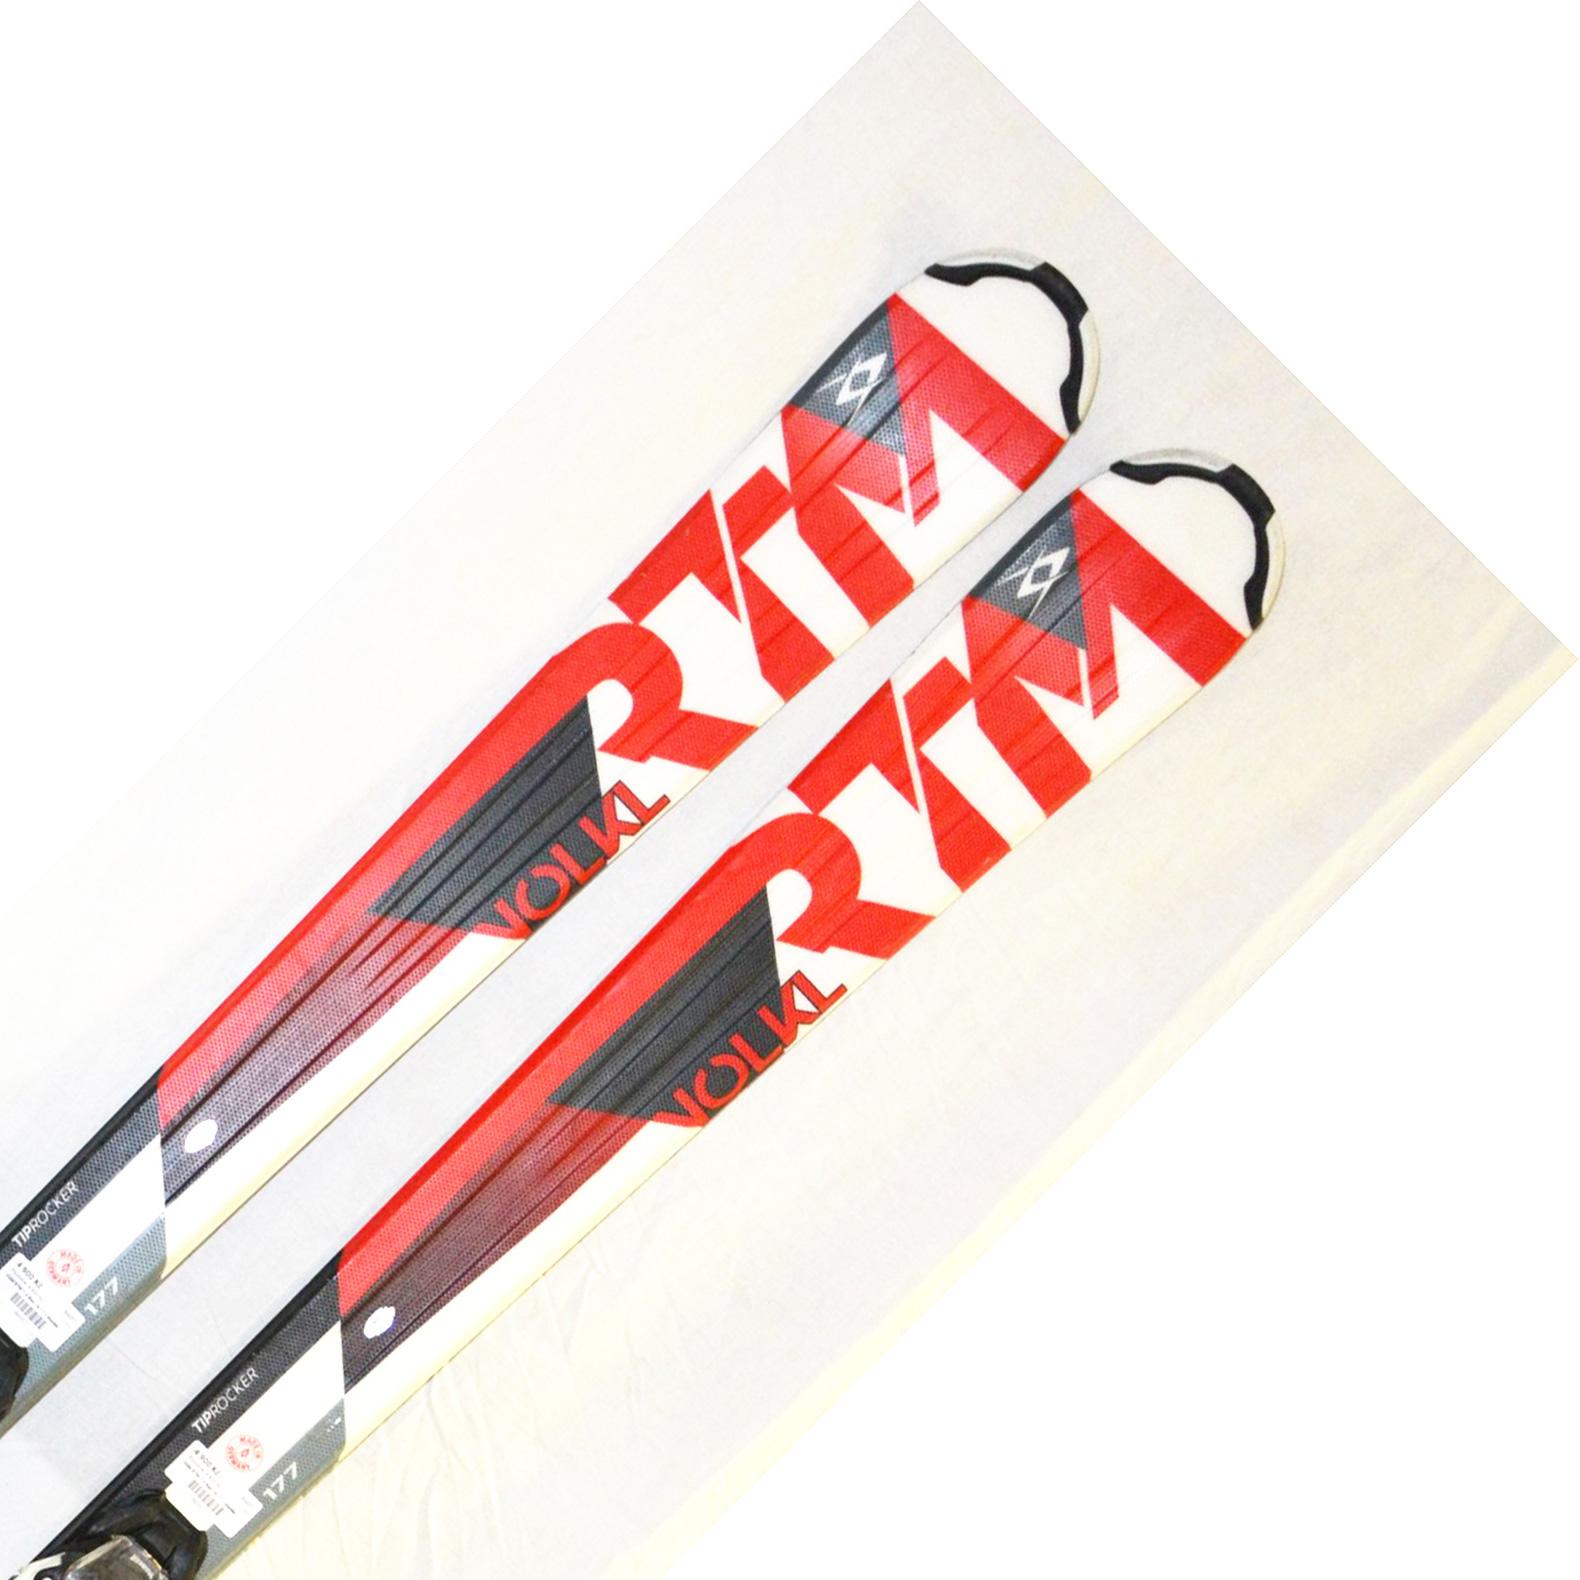 Bazar - Lyže Völkl RTM 7.4 red 16/17 + Marker Fastrek 10.0 - délka 177 177